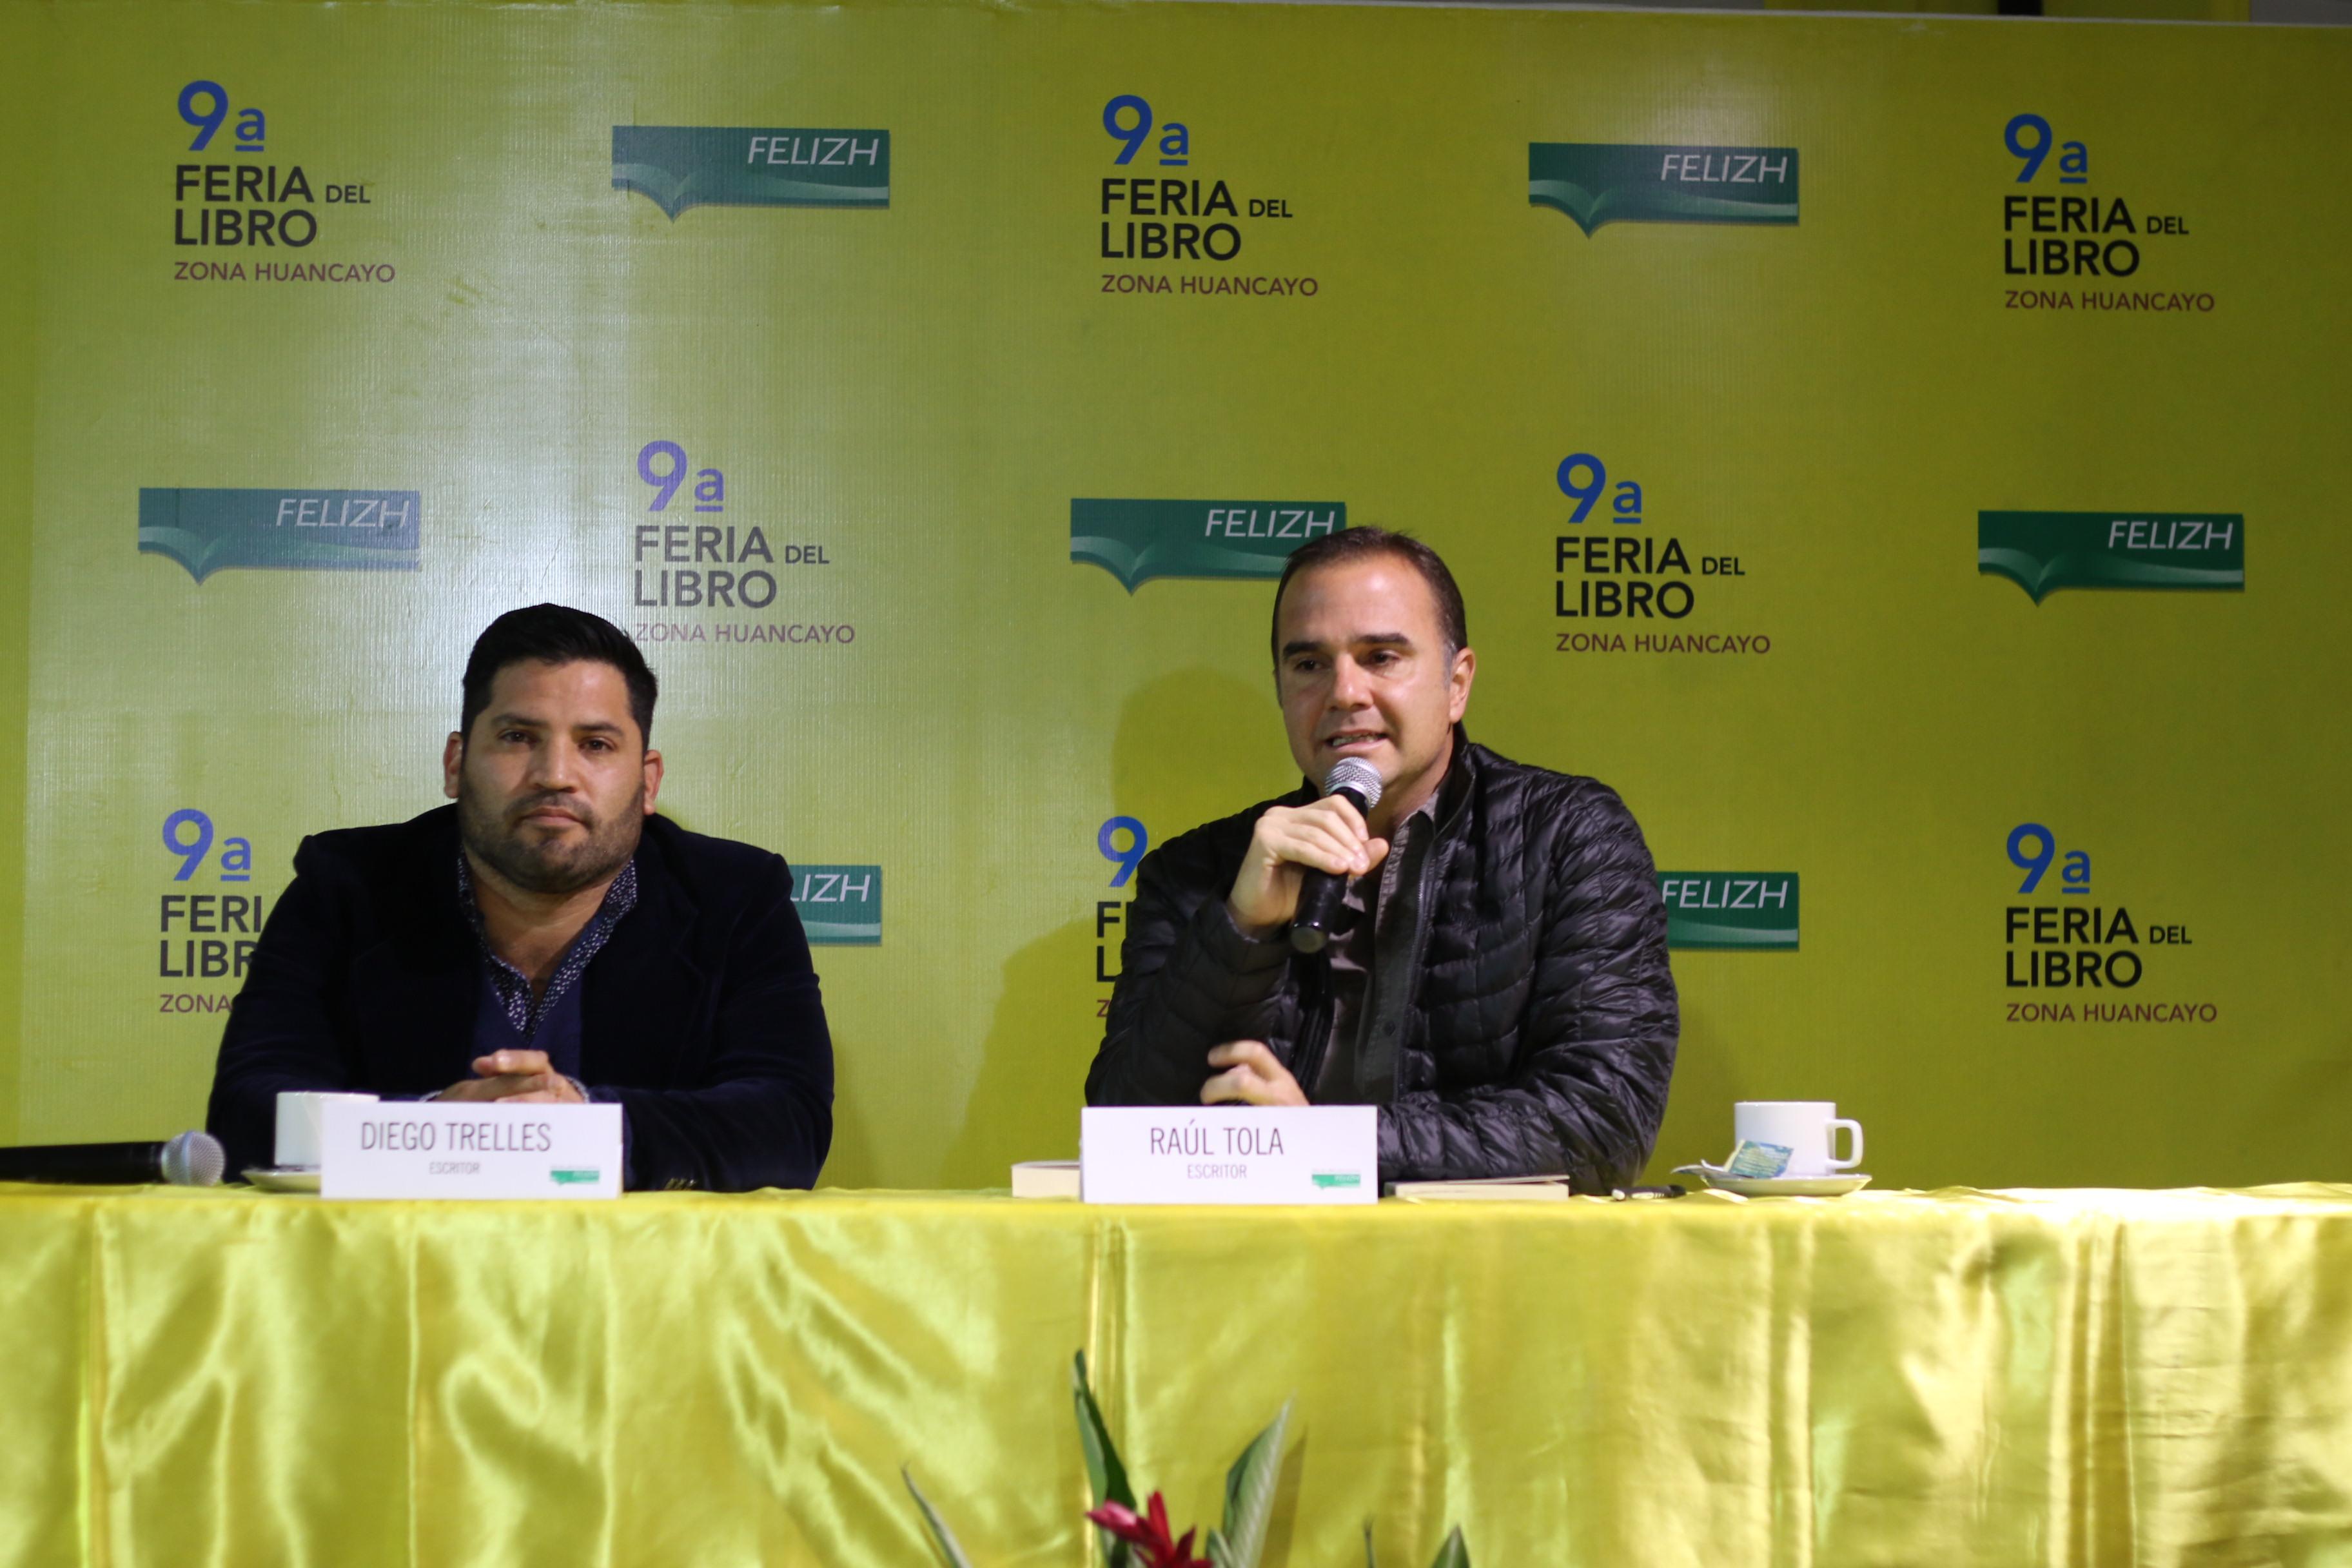 """Diego Trelles y Raúl Tola en la presentación del libro """"La noche sin ventanas""""."""